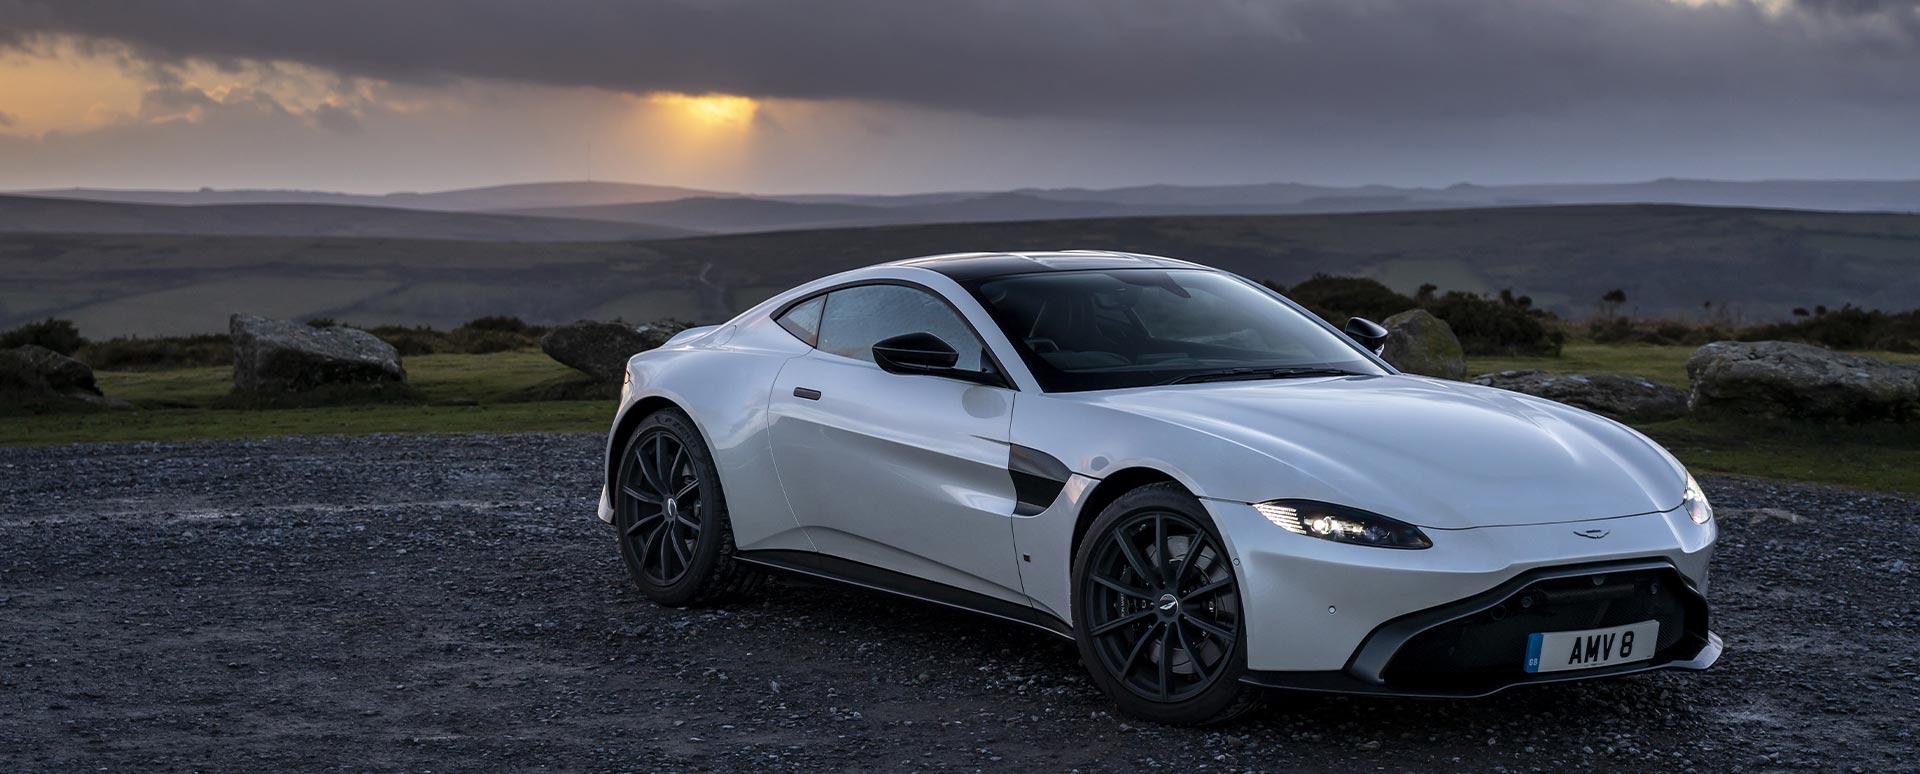 Grey Aston Martin Vantage, parked in sunset